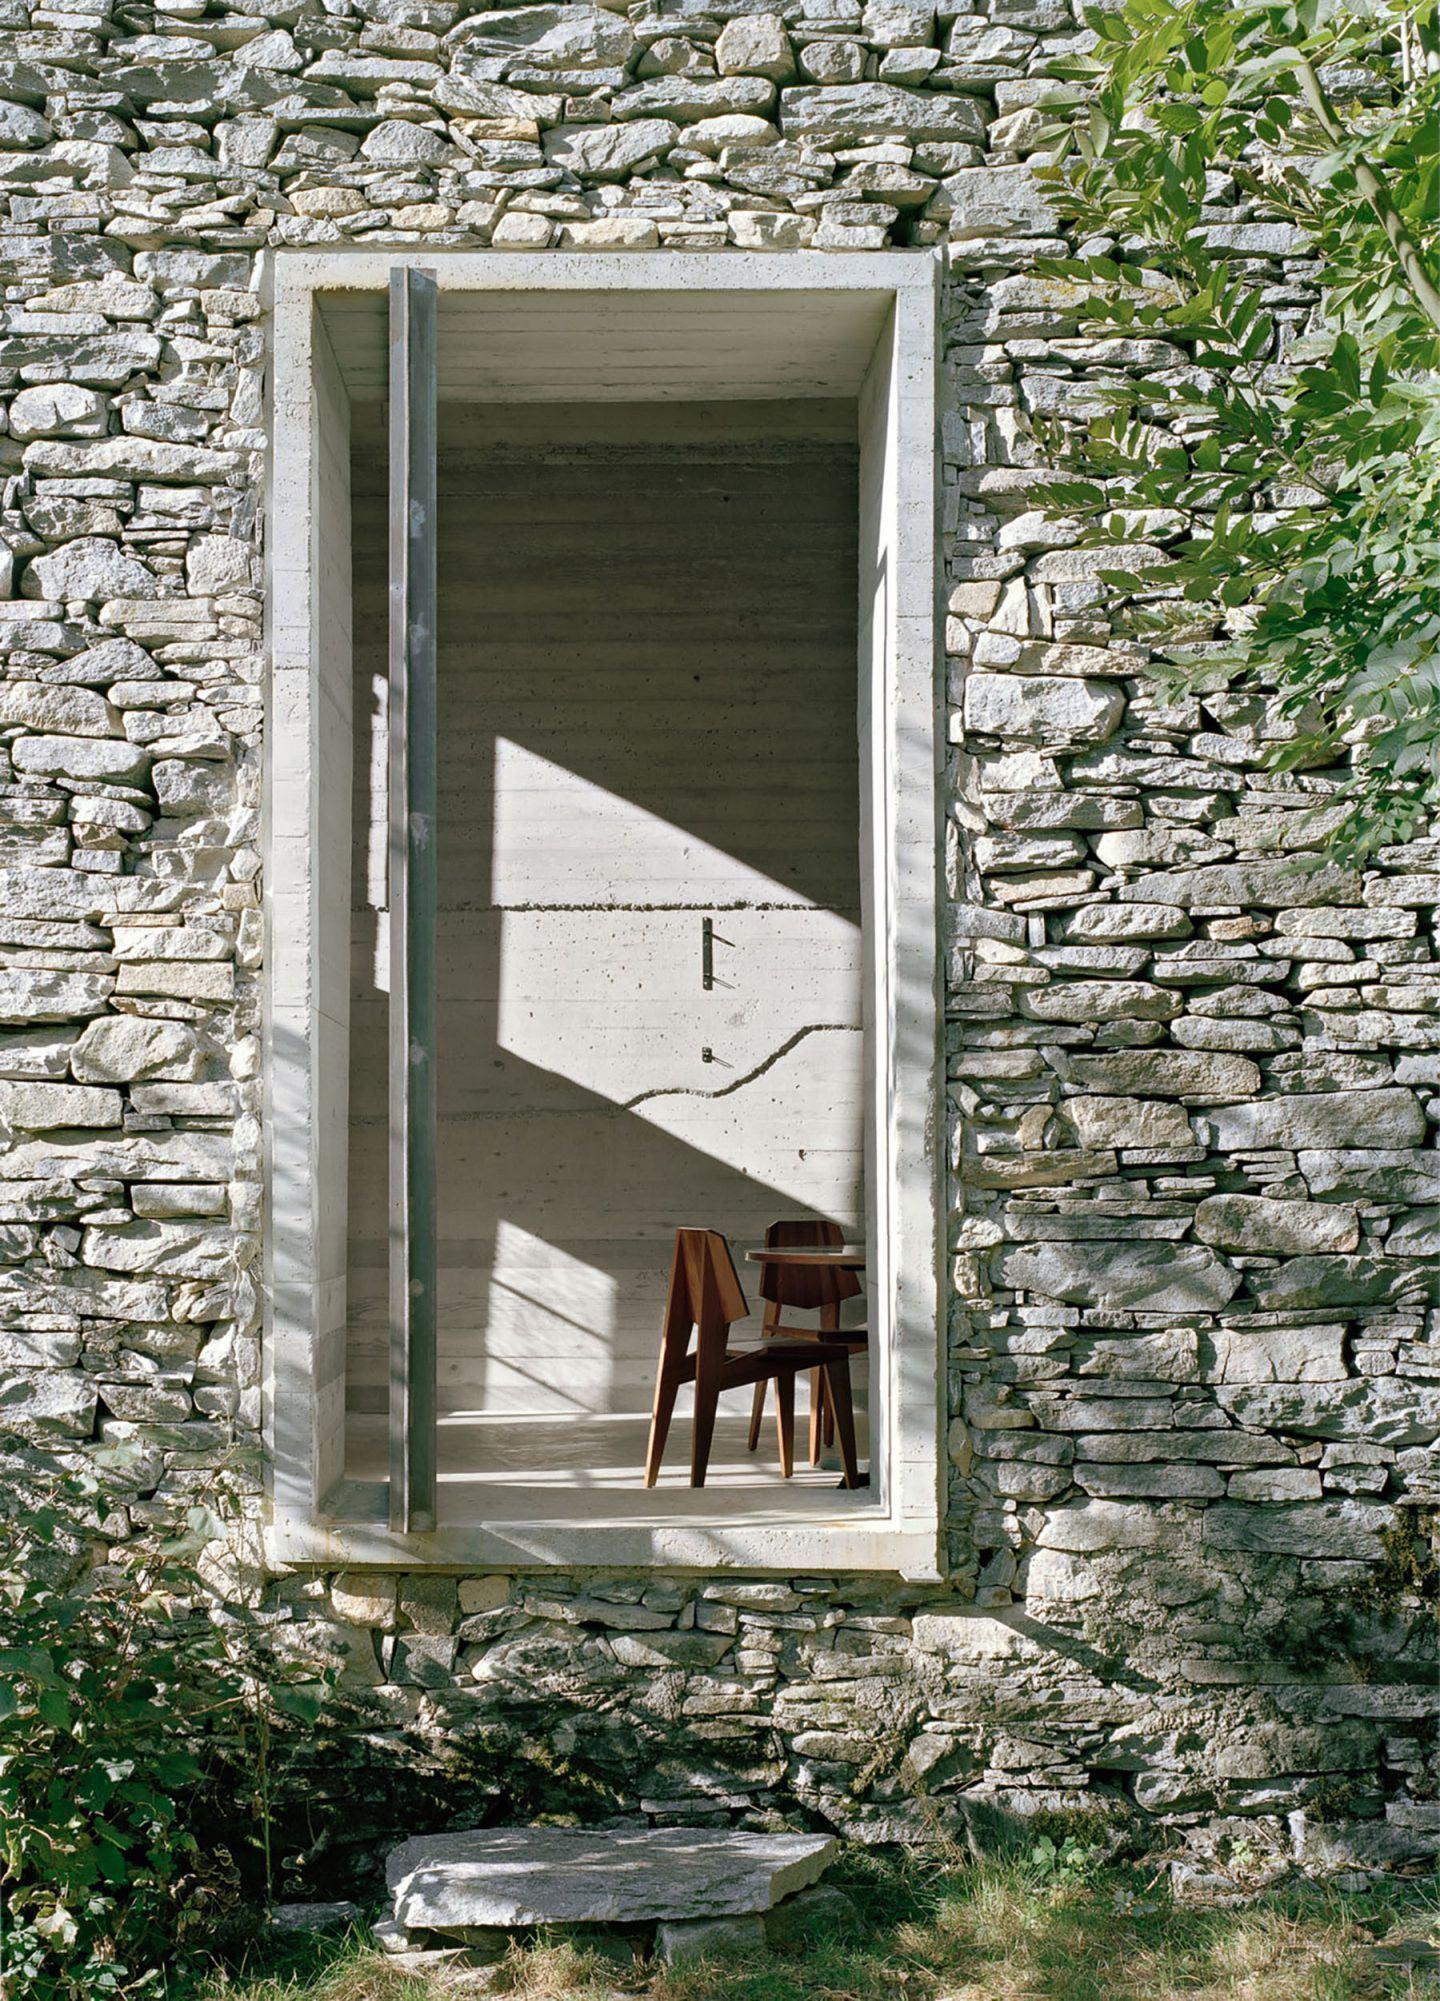 IGNANT-Architecture-Buchner-Brundler-Architekten-Summer-House-6